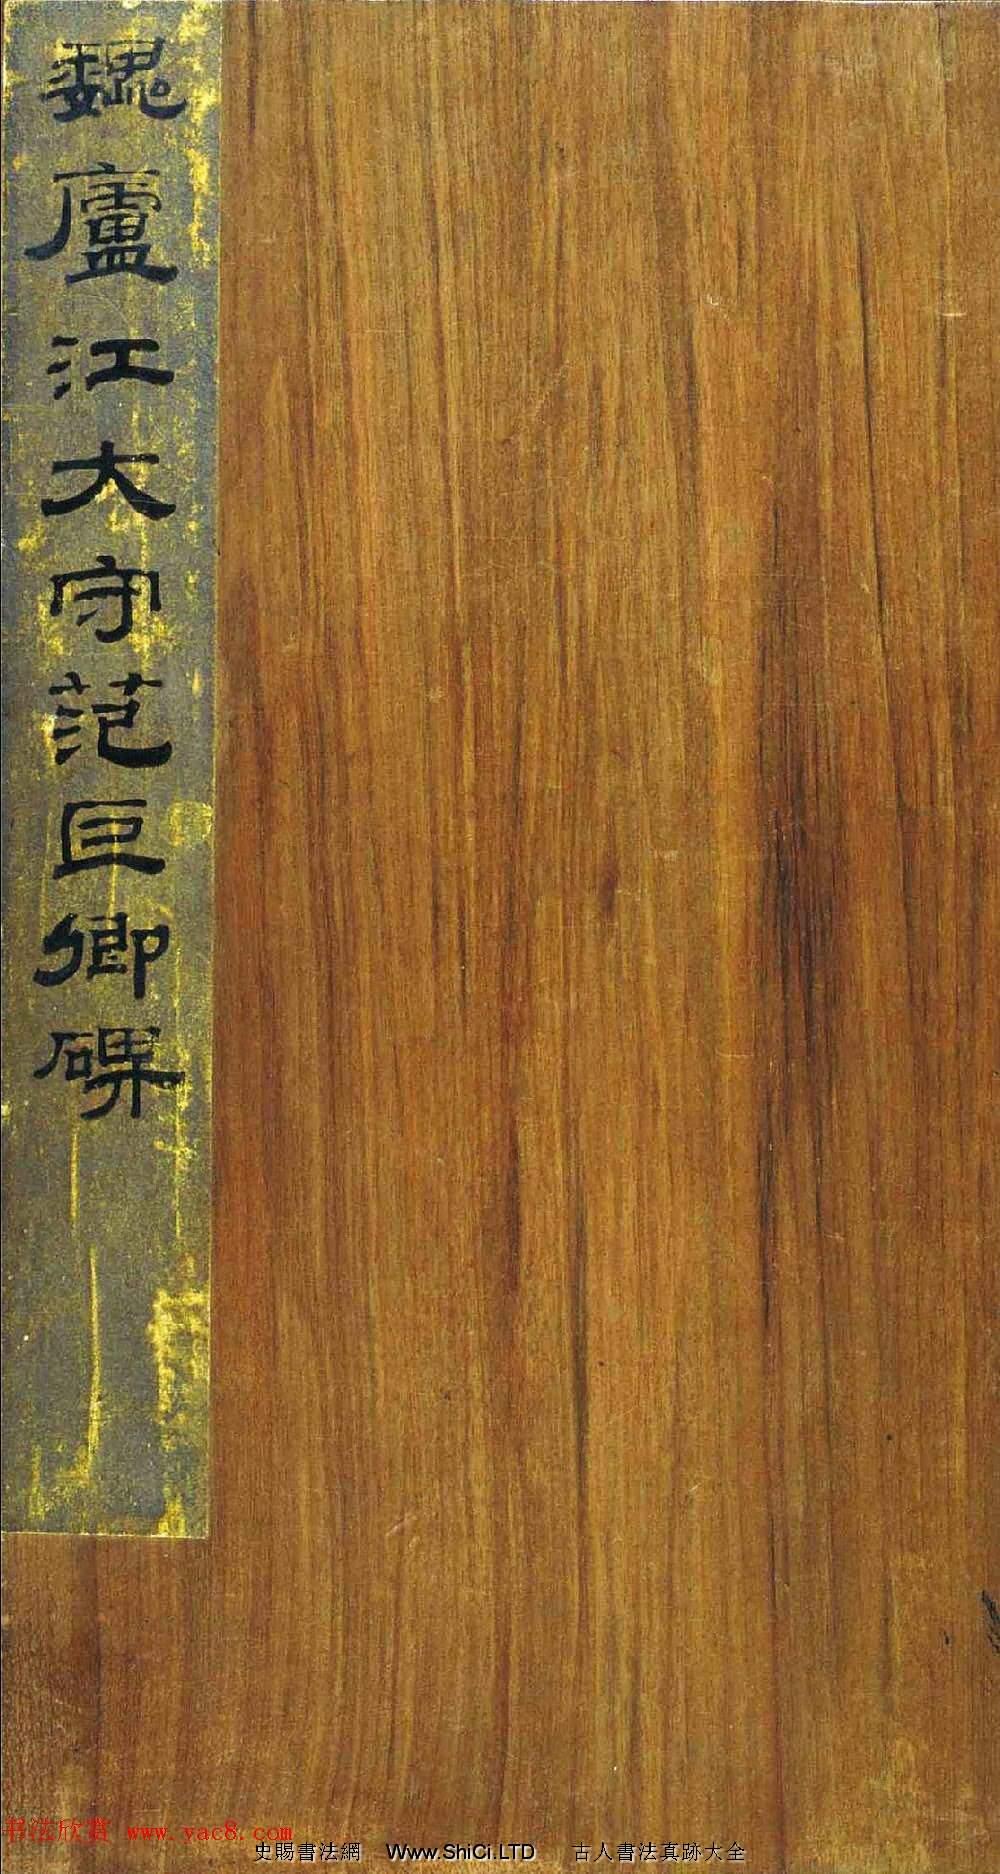 三國曹魏著名碑刻《范巨卿碑》附題跋(共26張圖片)